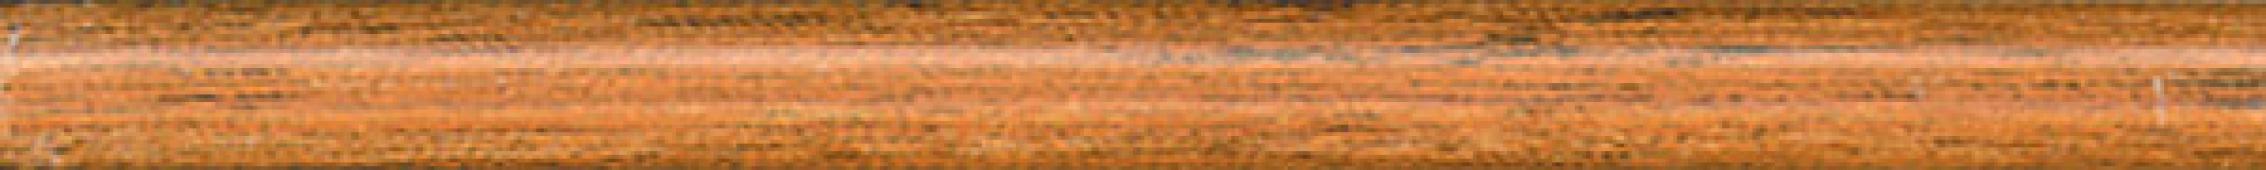 211 Дерево бежевый матовый бордюр